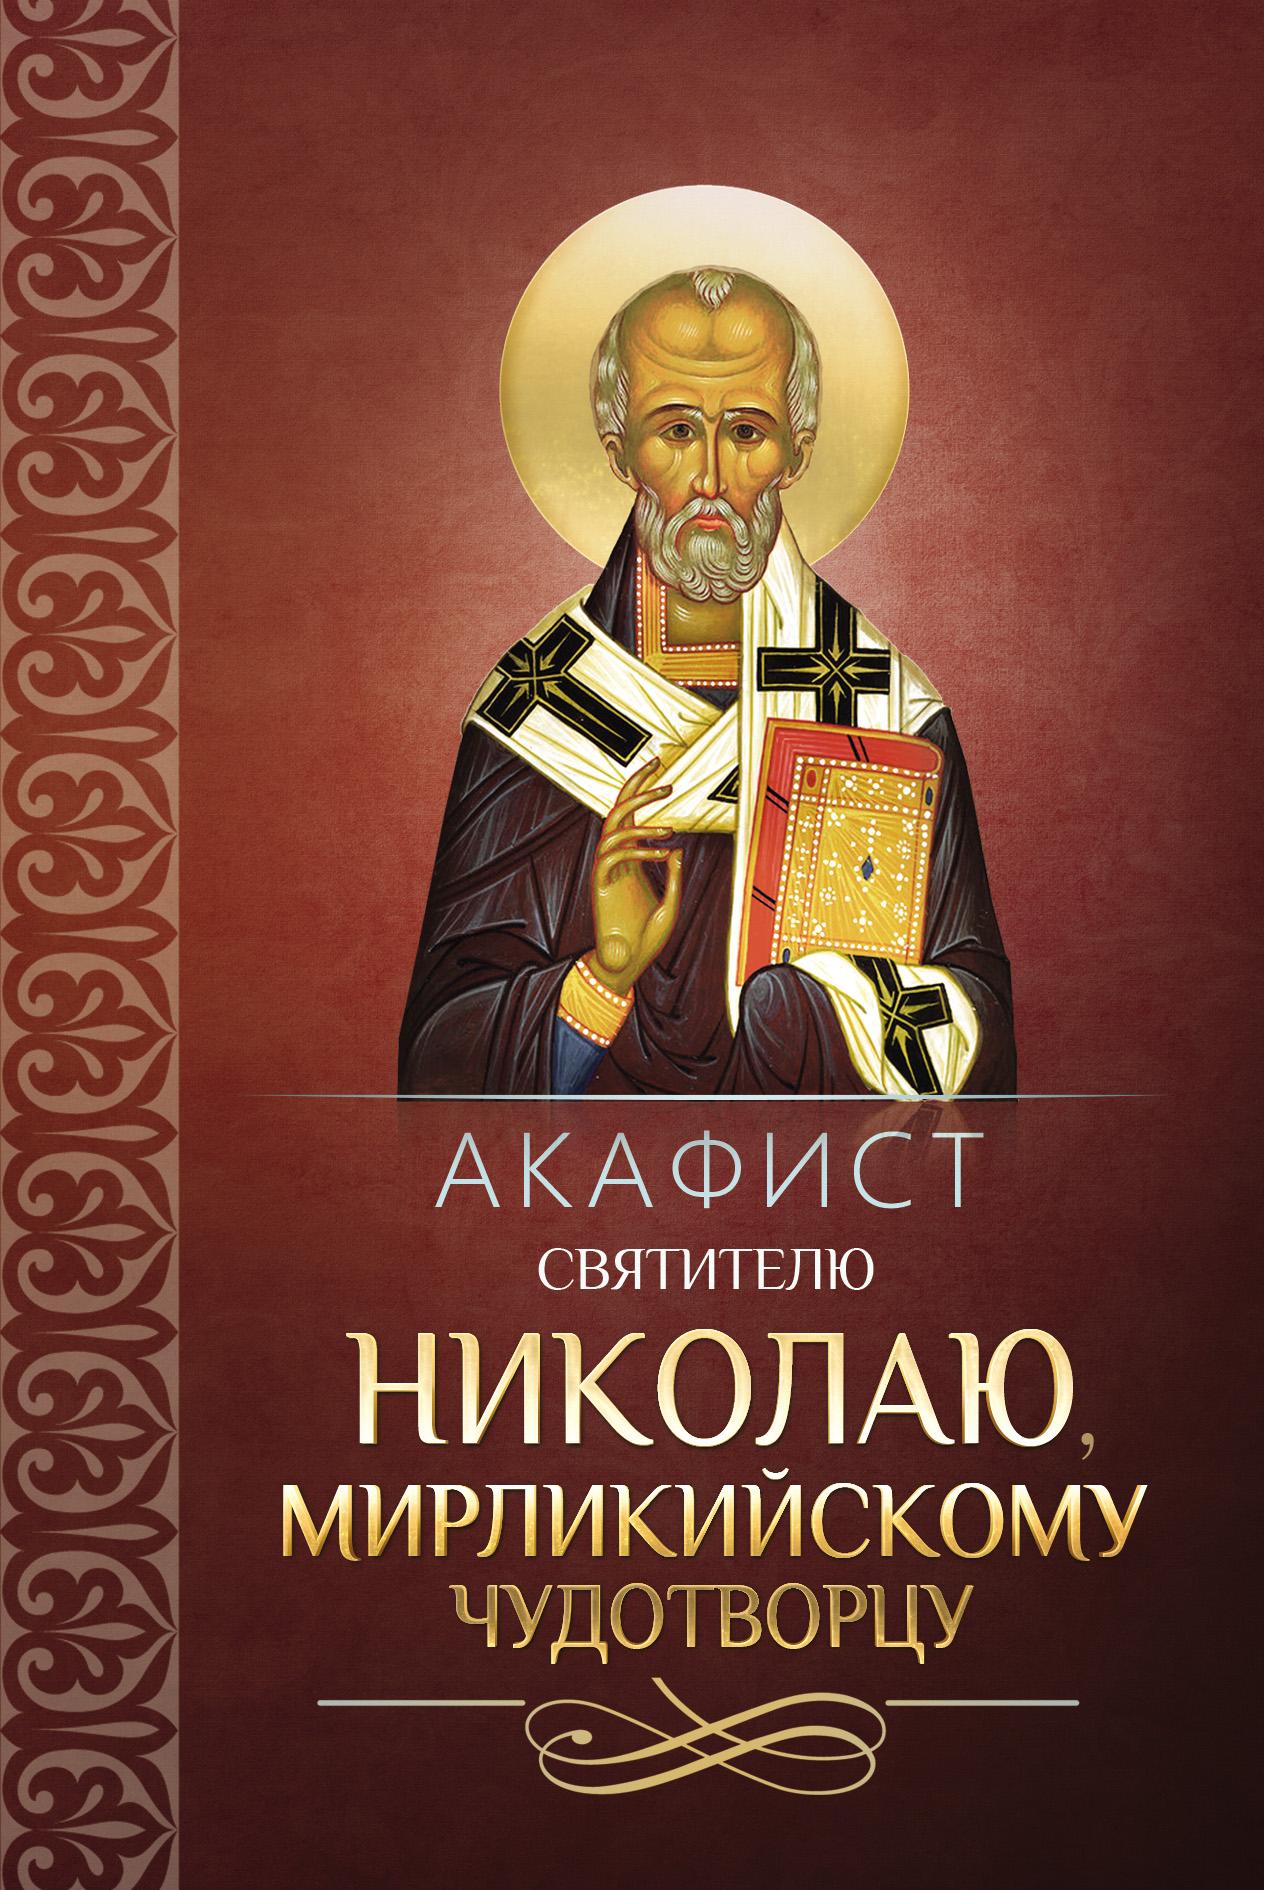 Сборник Акафист святителю Николаю, Мирликийскому чудотворцу акафист святителю иоасафу белгородскому